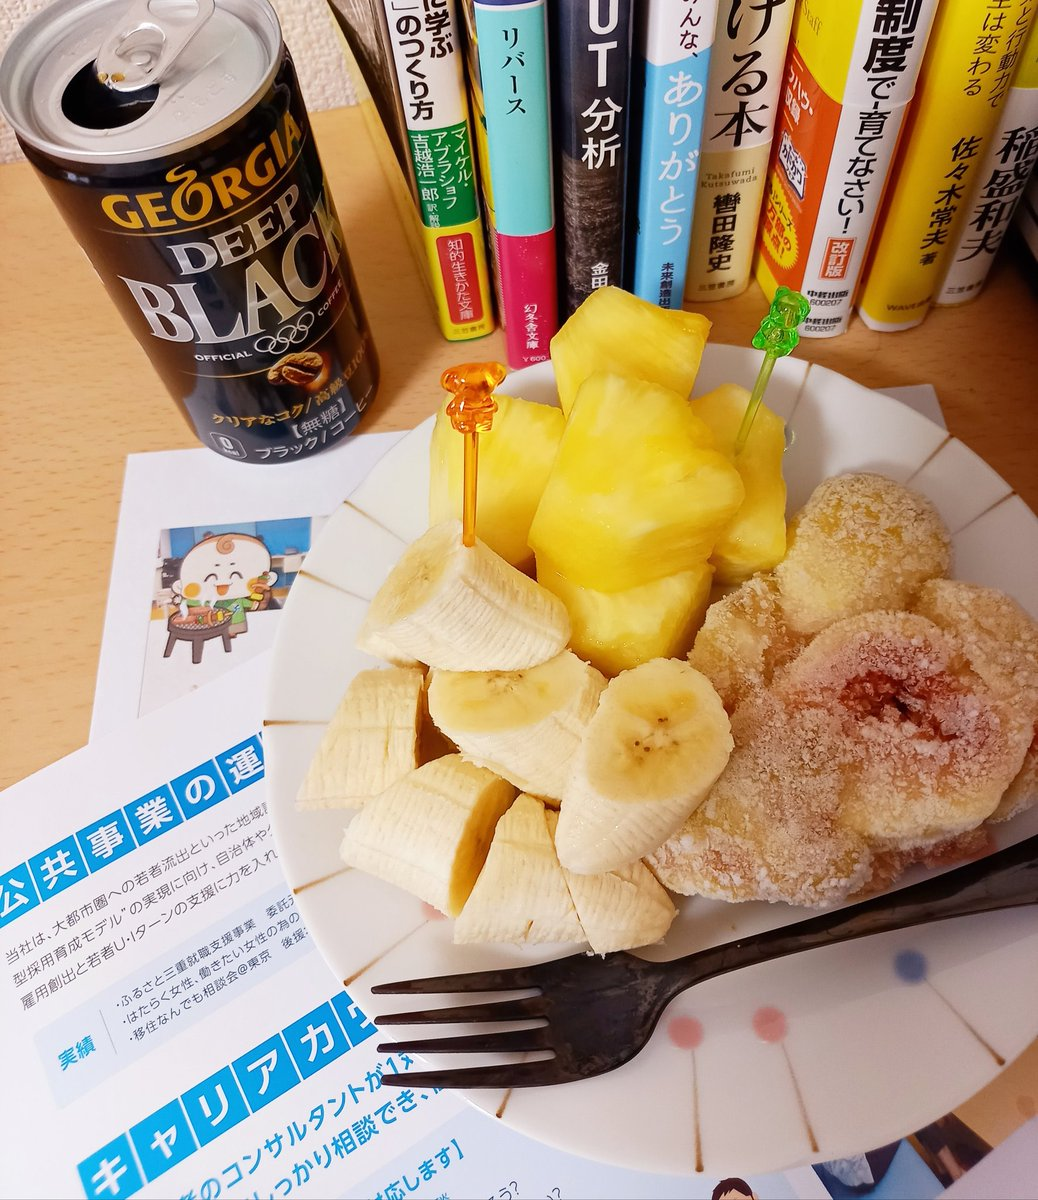 本日のダイエットお昼ごはん🌧️本日はフルーツの日🍌🍍🥝全体的に黄色になってしまった😅なかでも冷凍いちじくは口の中でトロけるぅ~😆#国立病院ダイエット#ロカボ#いちじく#パイナップル#バナナ#イッポちゃん